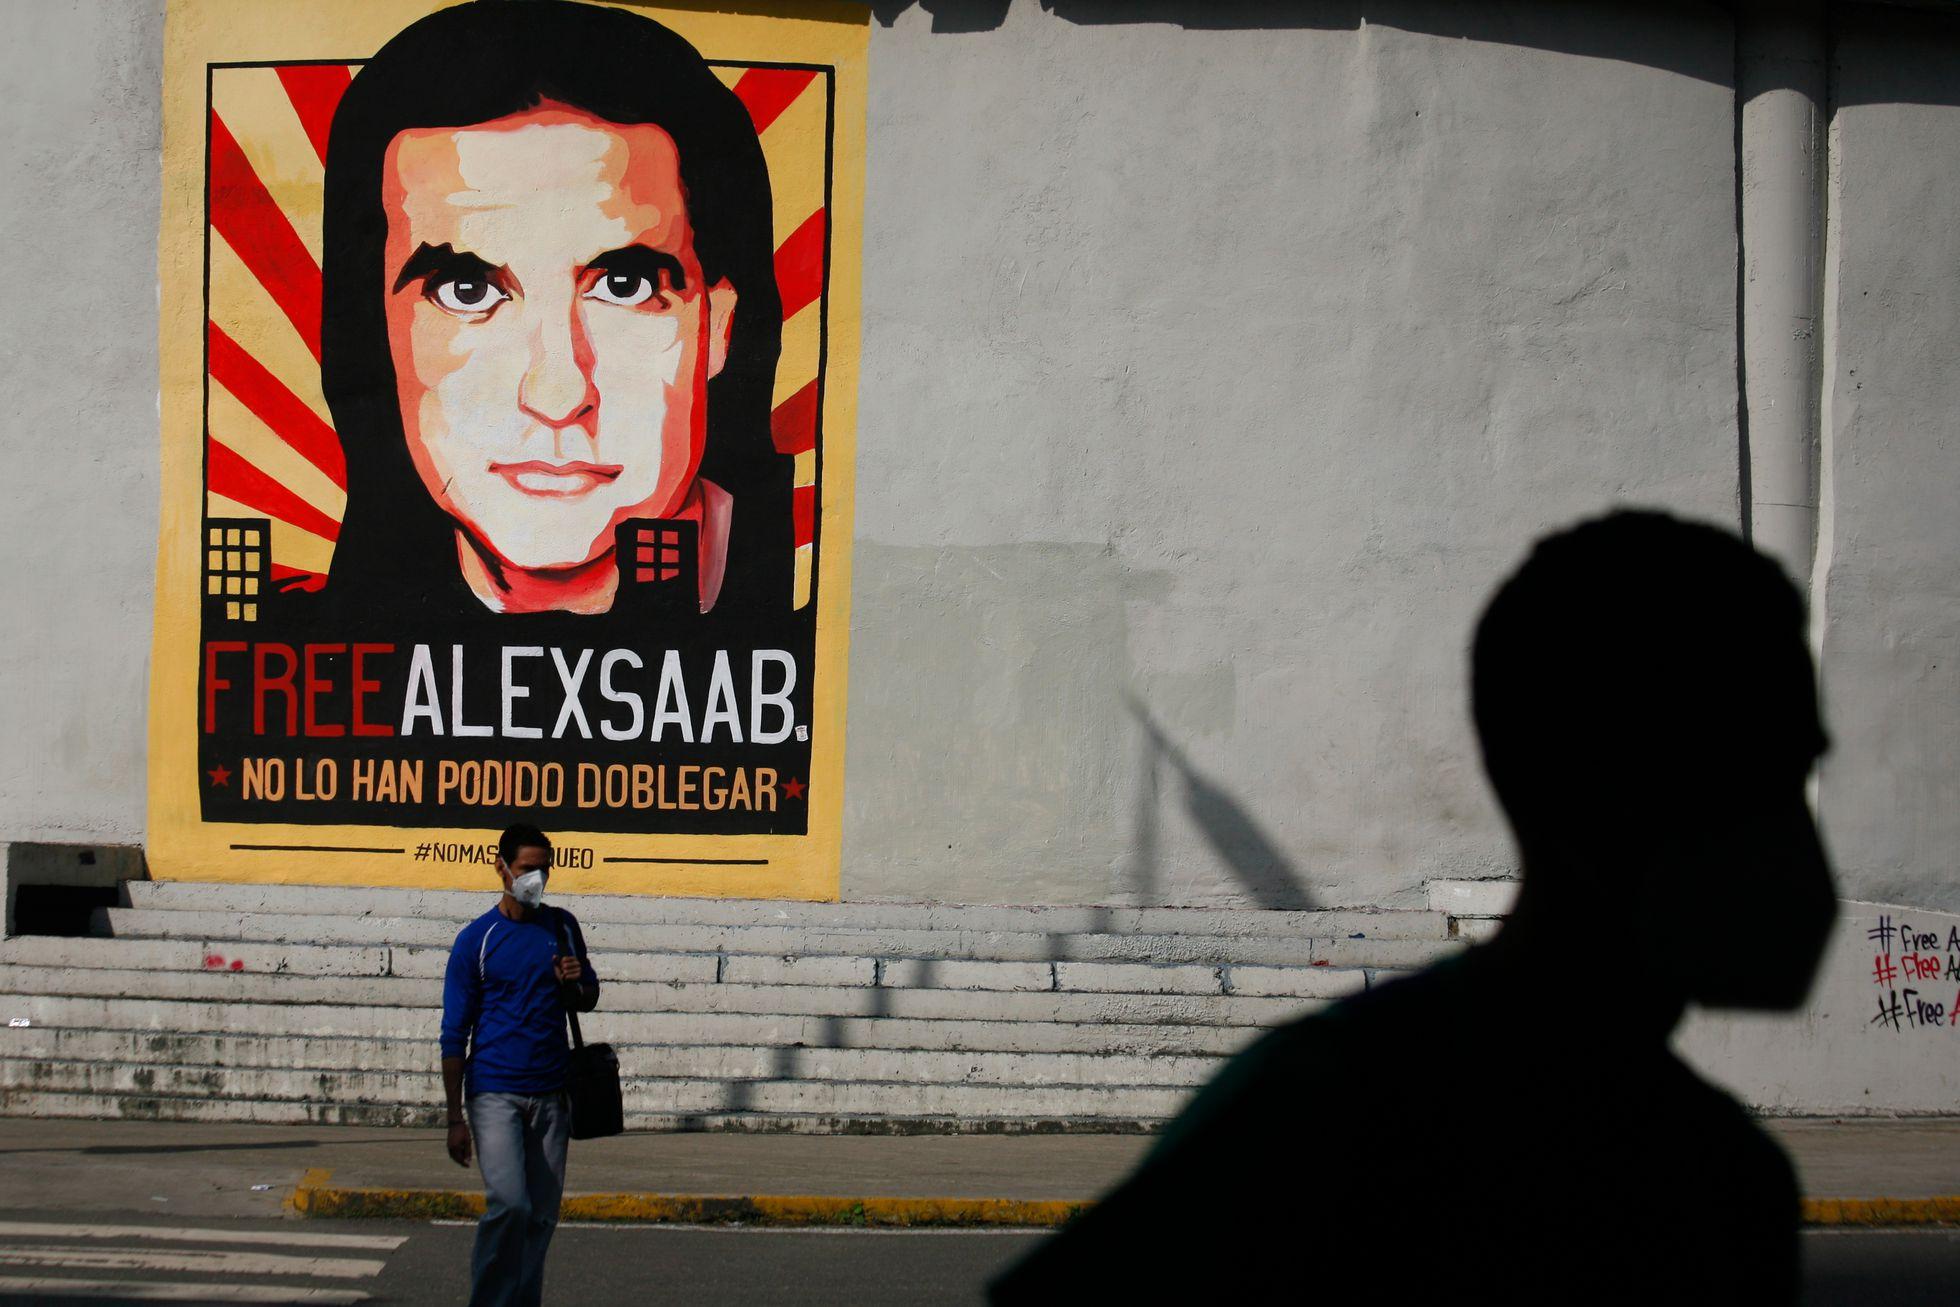 ¿Qué implicaciones tiene la extradición de Alex Saab a EE.UU.?